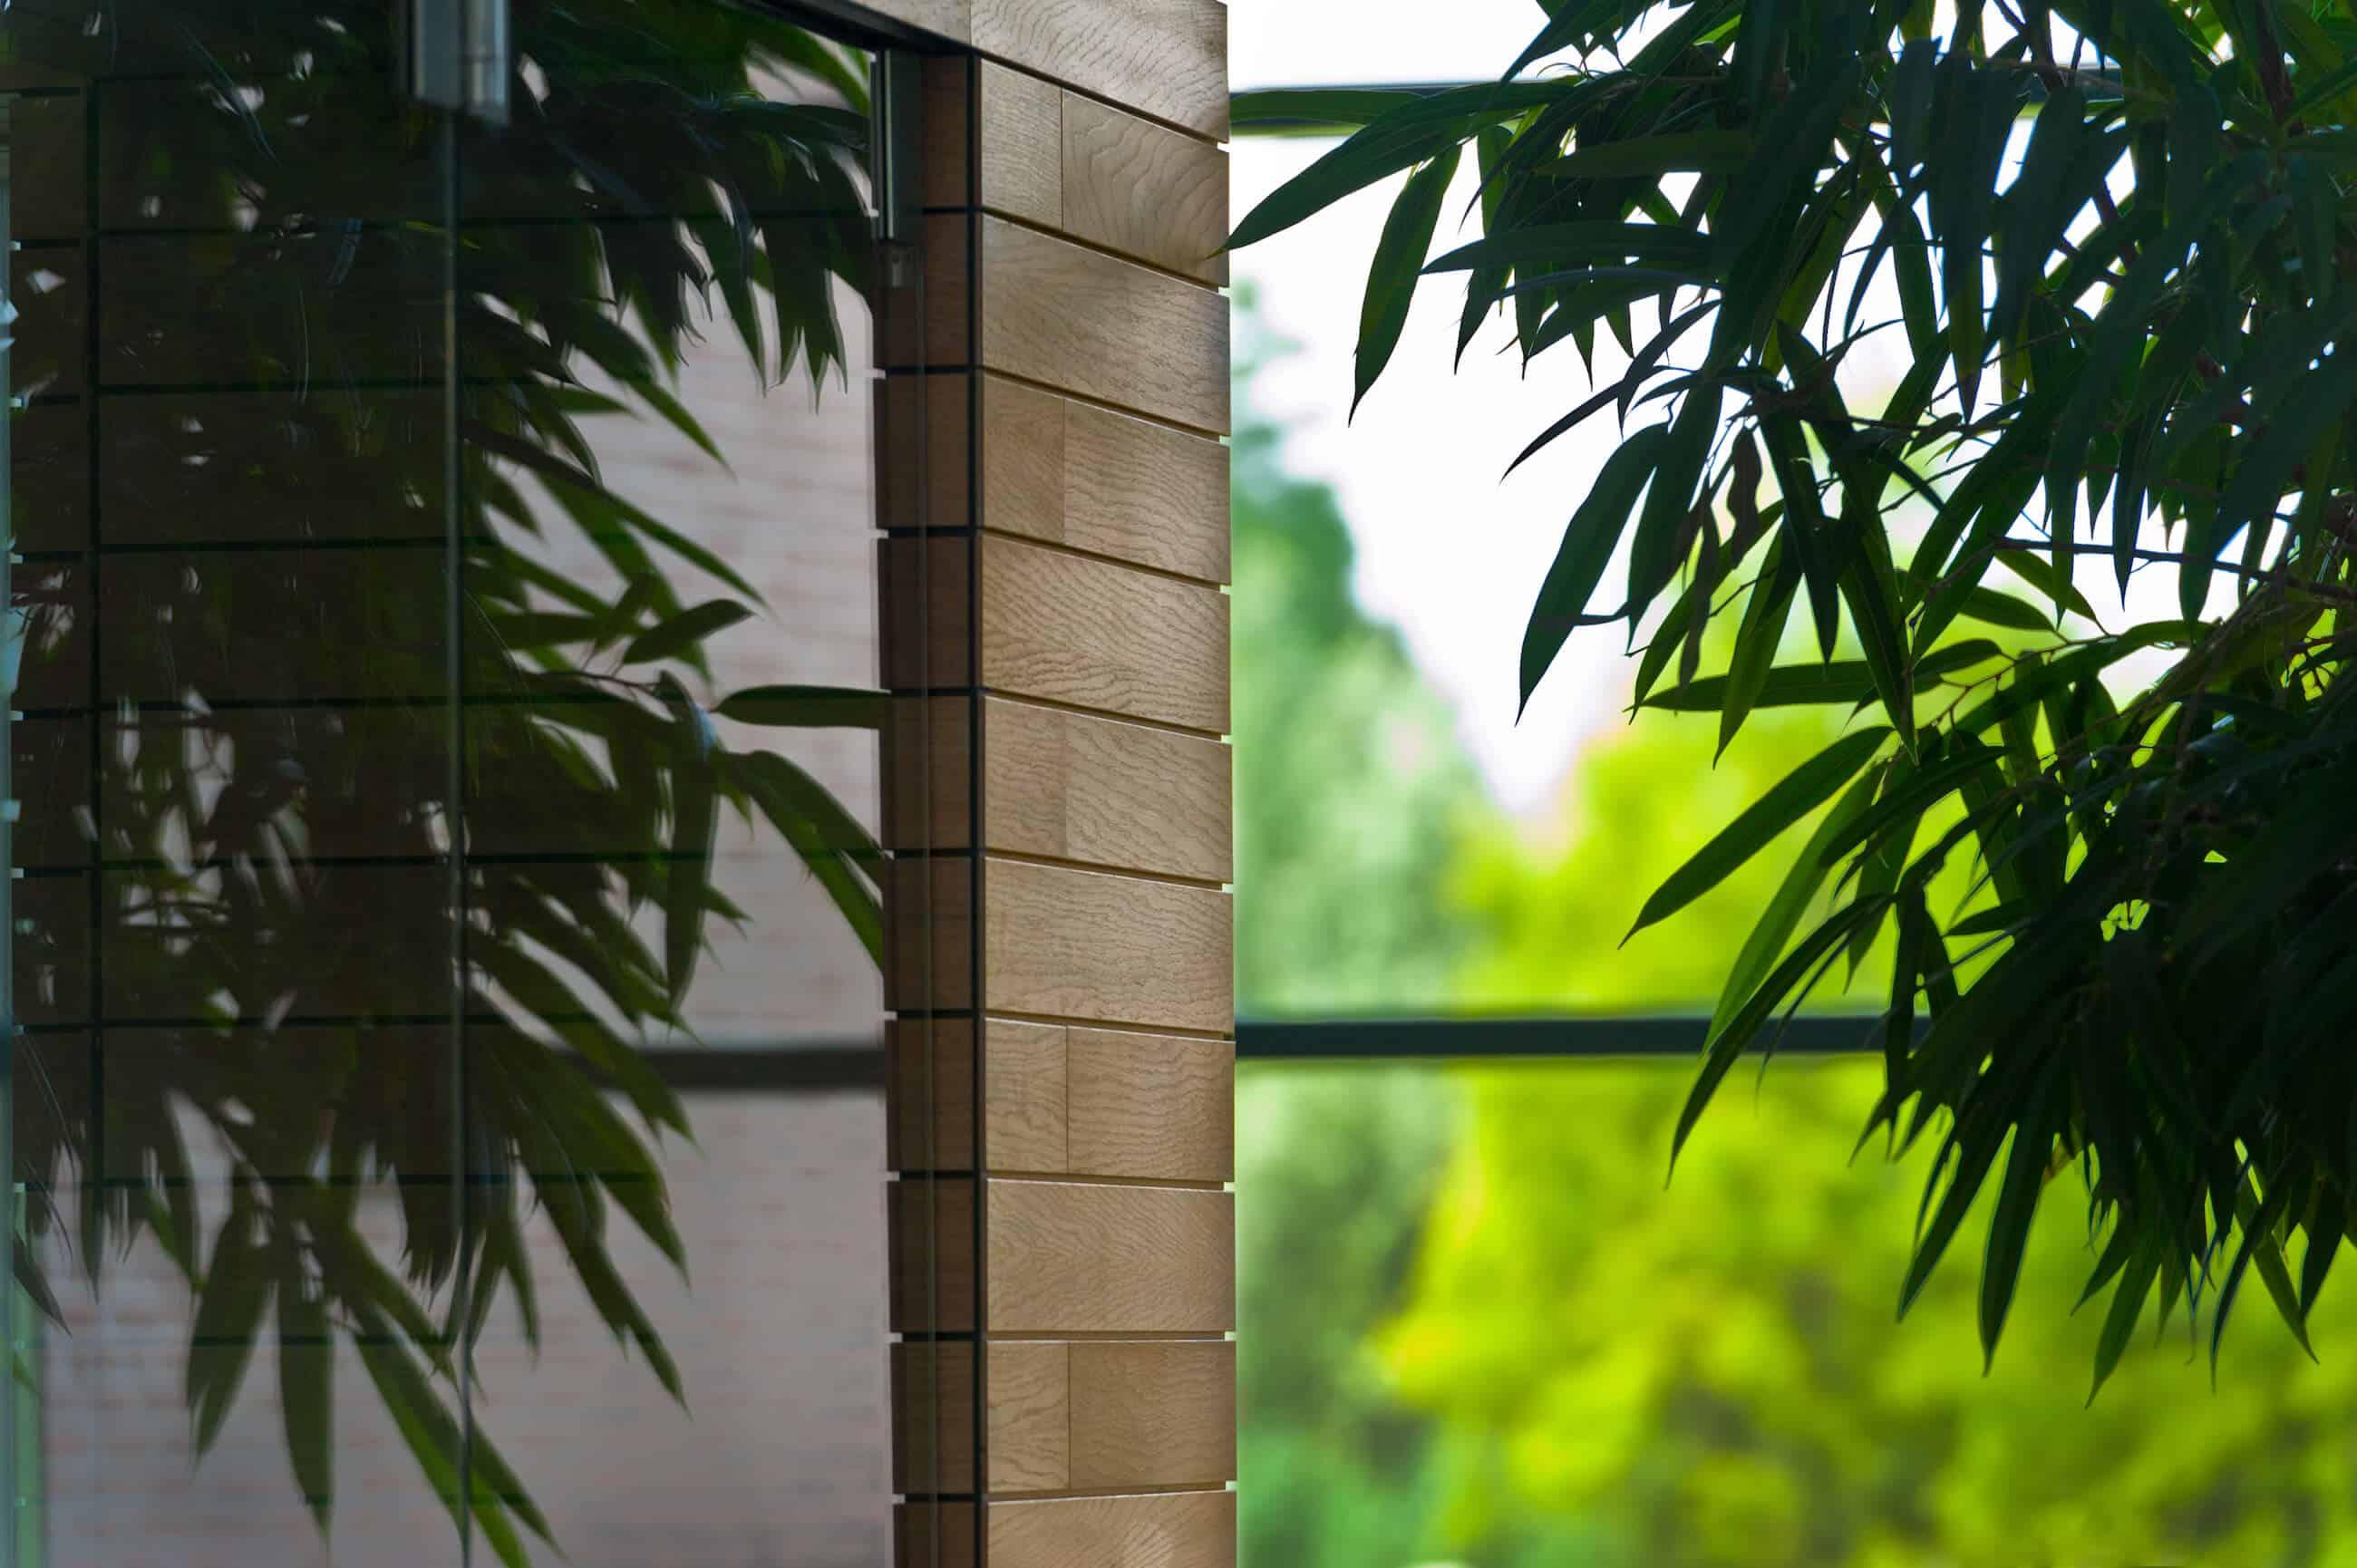 groenvoorziening in een ruimte met glaspartij en houten elementen